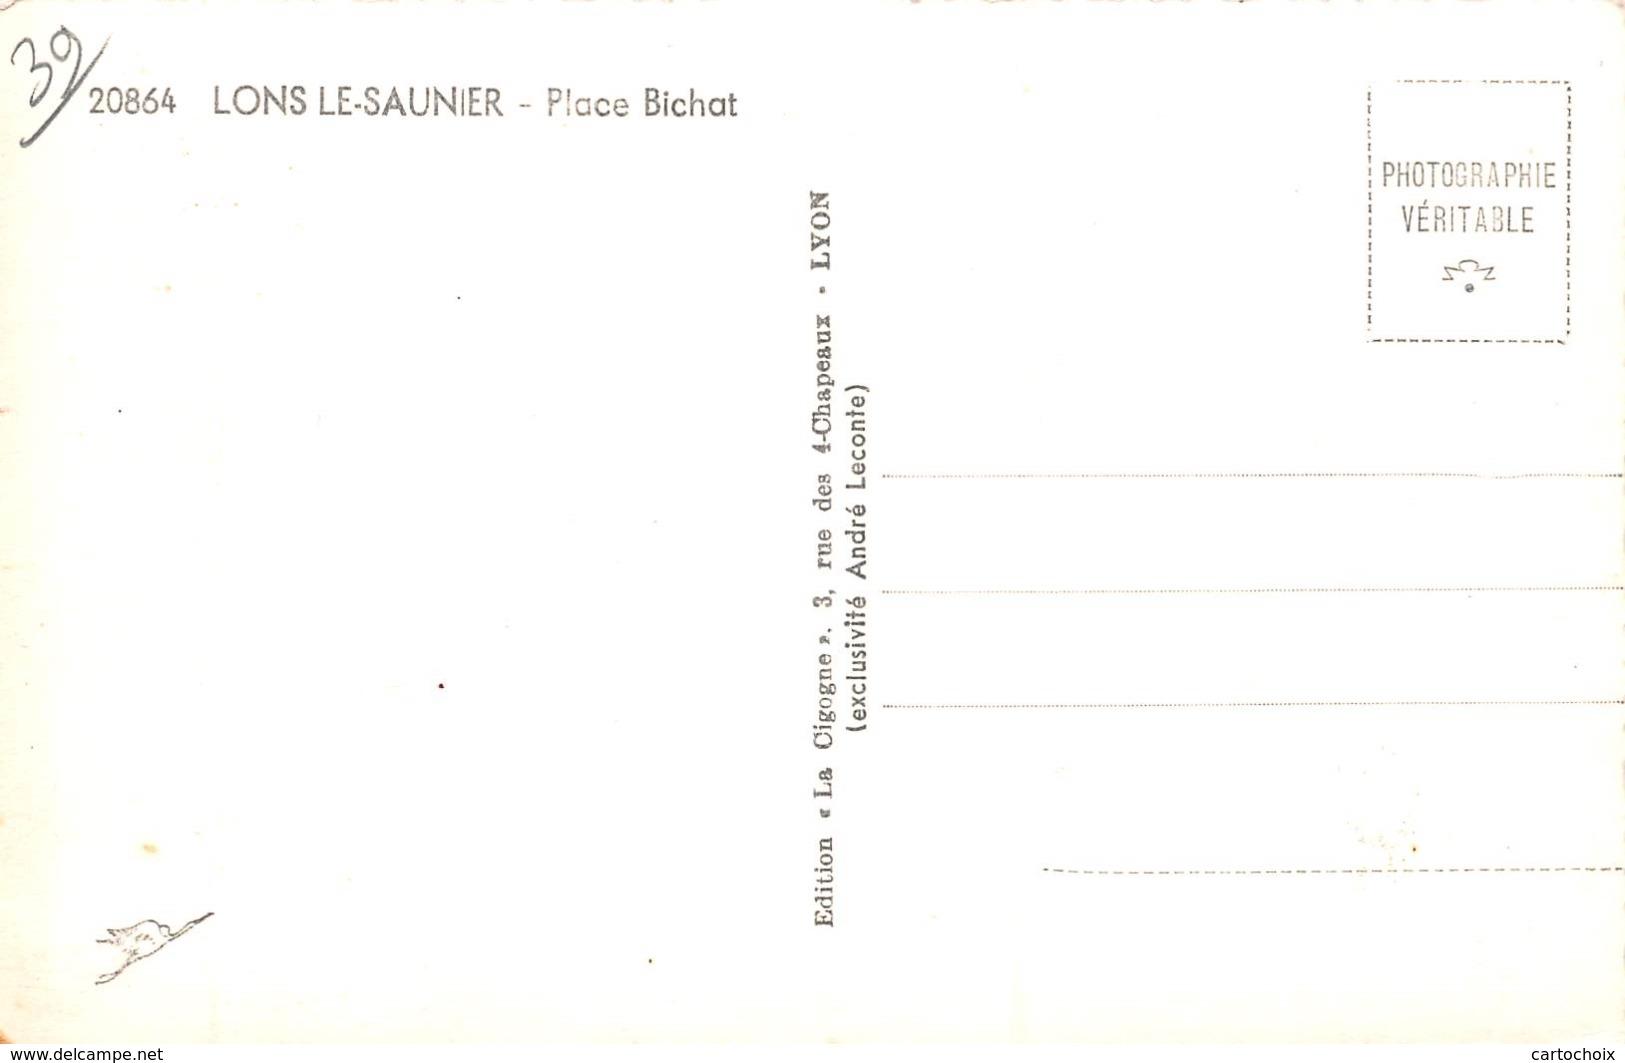 39 - Lons-le-Saunier - Place Bichat - Lons Le Saunier